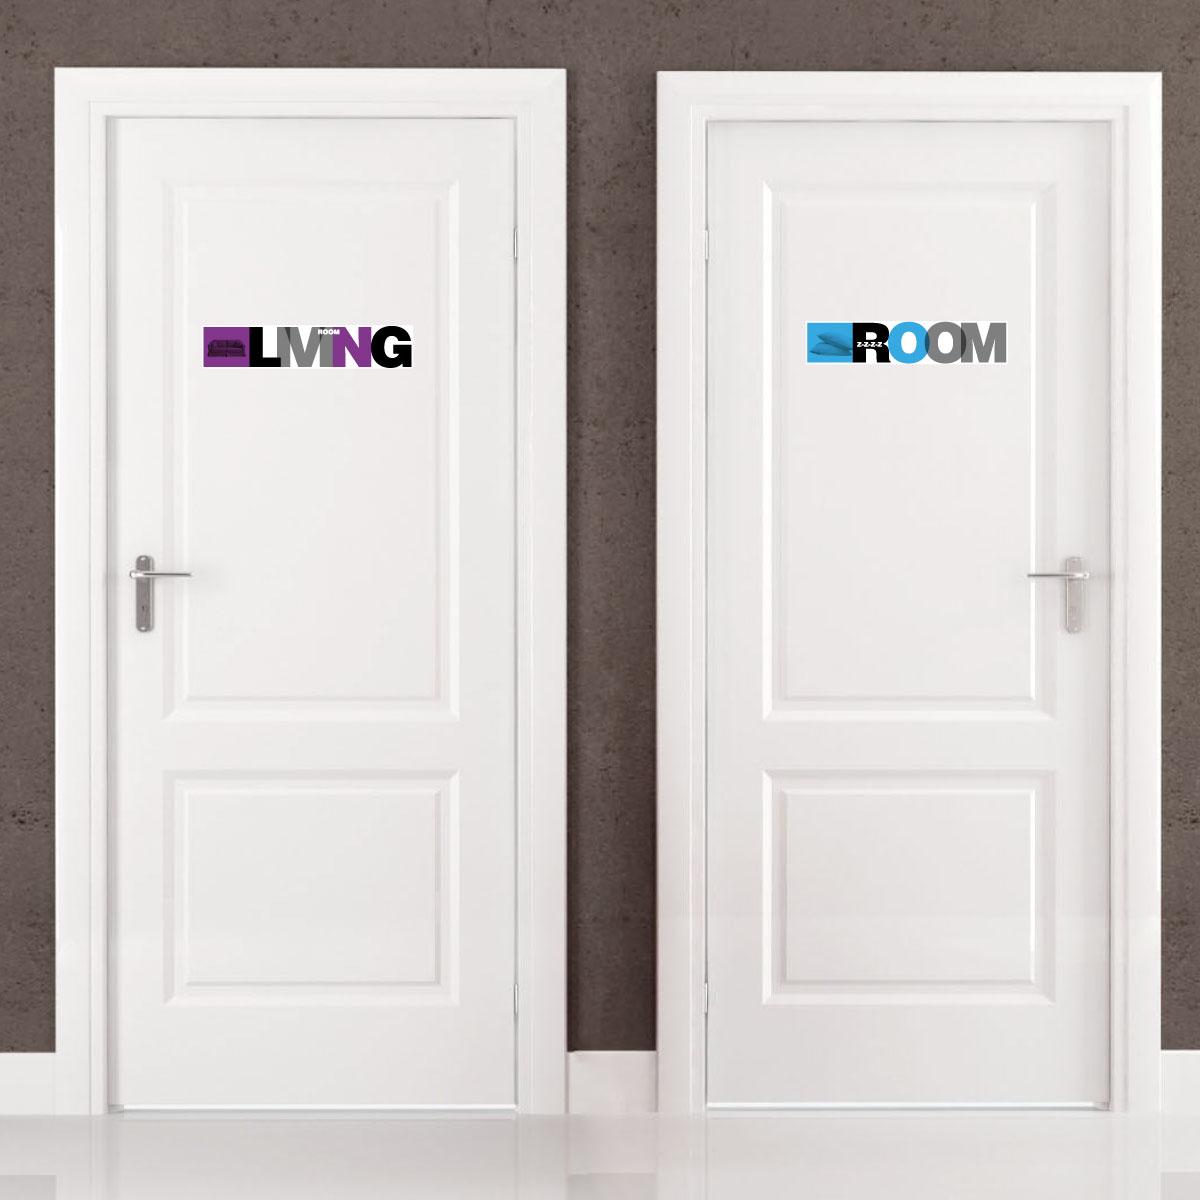 sticker porte signal tique de la maison en anglais. Black Bedroom Furniture Sets. Home Design Ideas